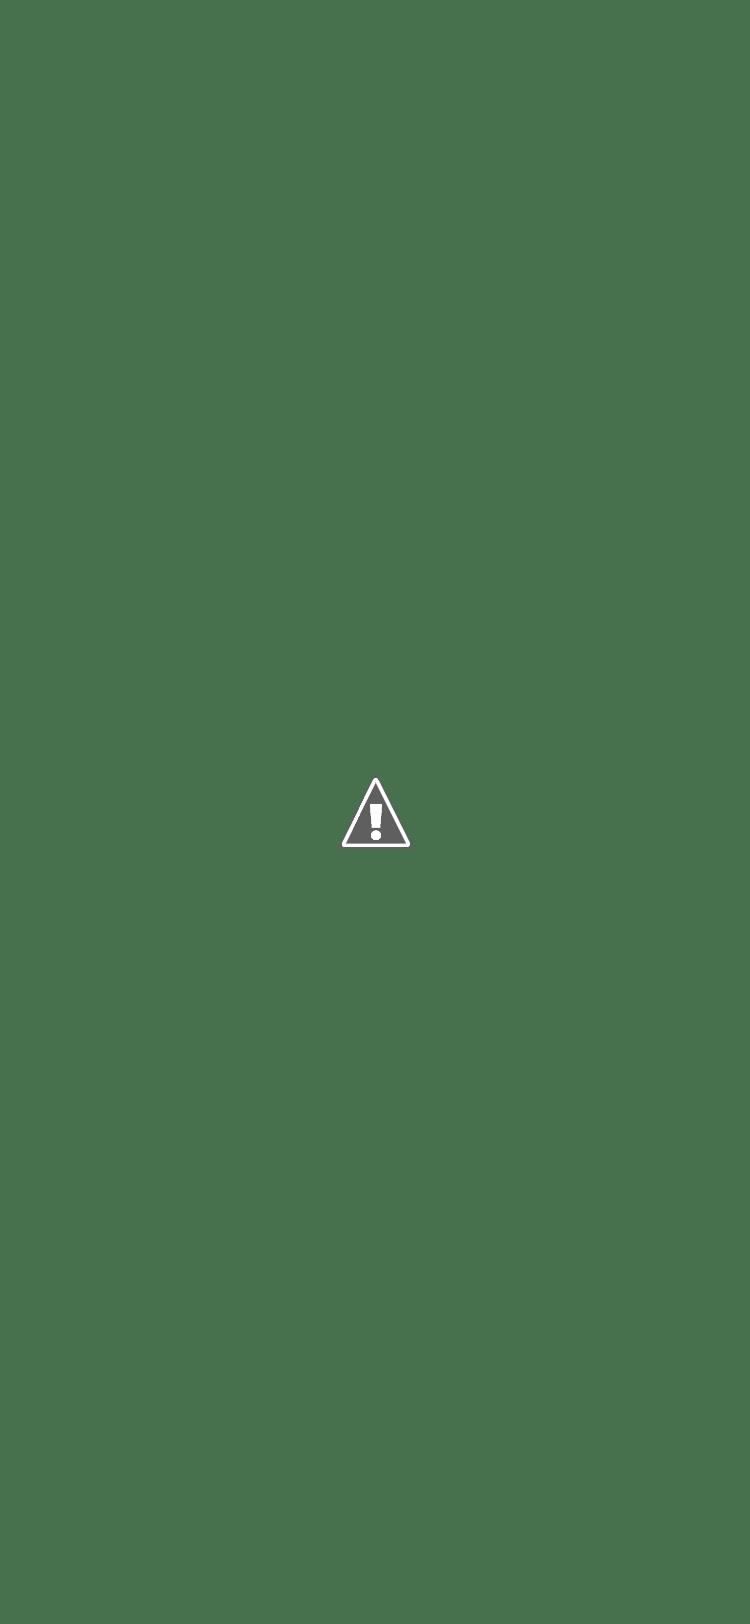 台北餐廳媒合訂位用「超即吃」三五好友、一個人吃飯,用LINE發起吃單,有位餐廳報給你!VS東道煮 @秤瓶樂遊遊